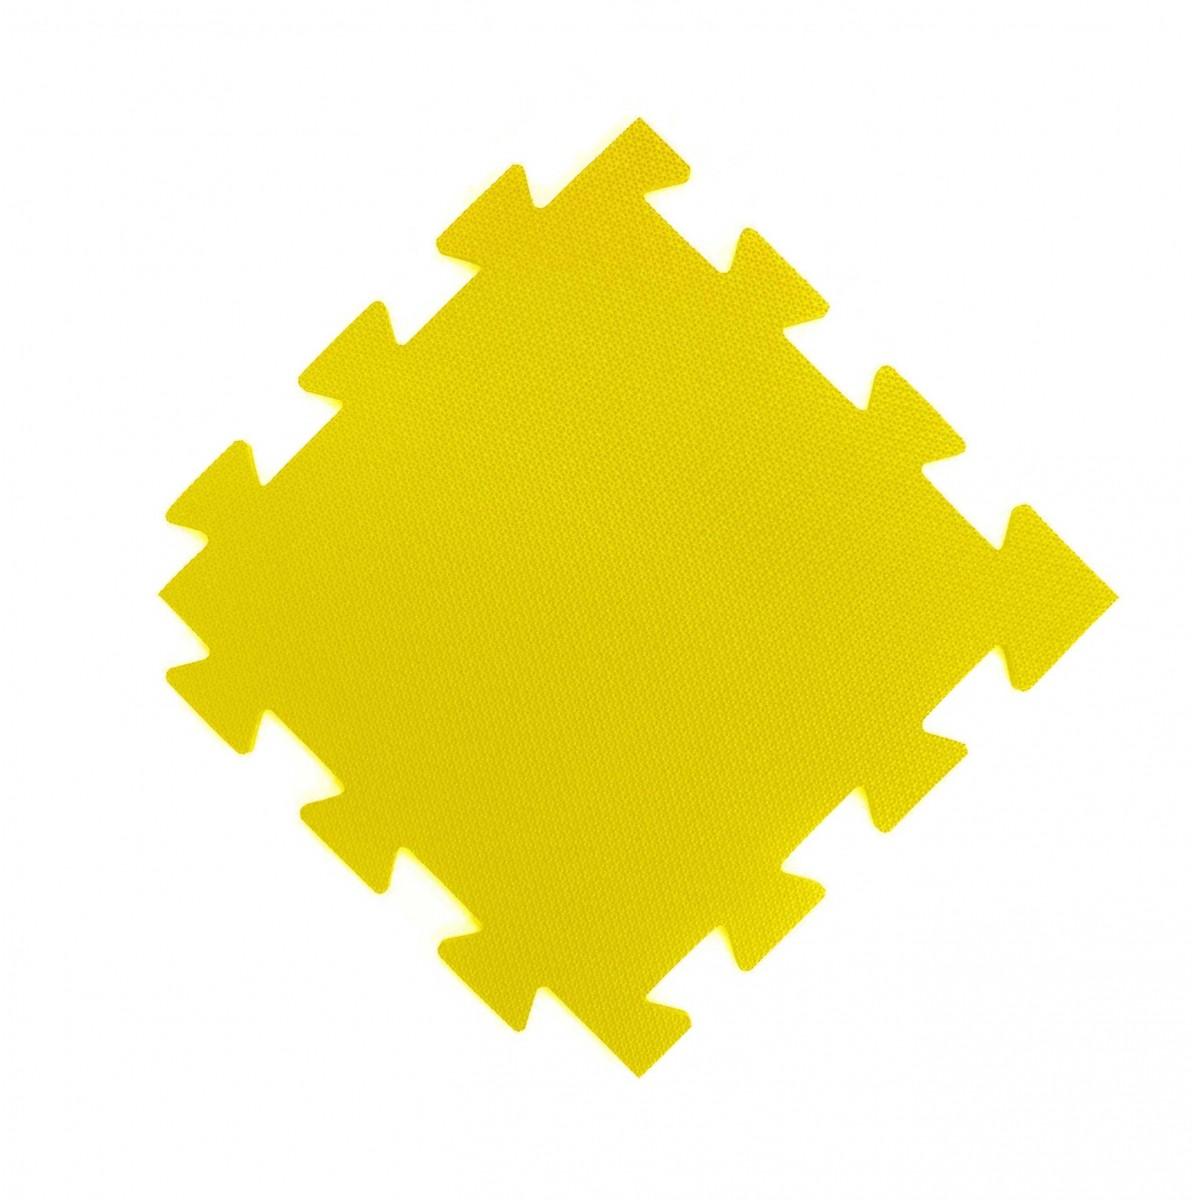 Tatame 50x50cm Com 30mm de Espessura   Amarelo  -